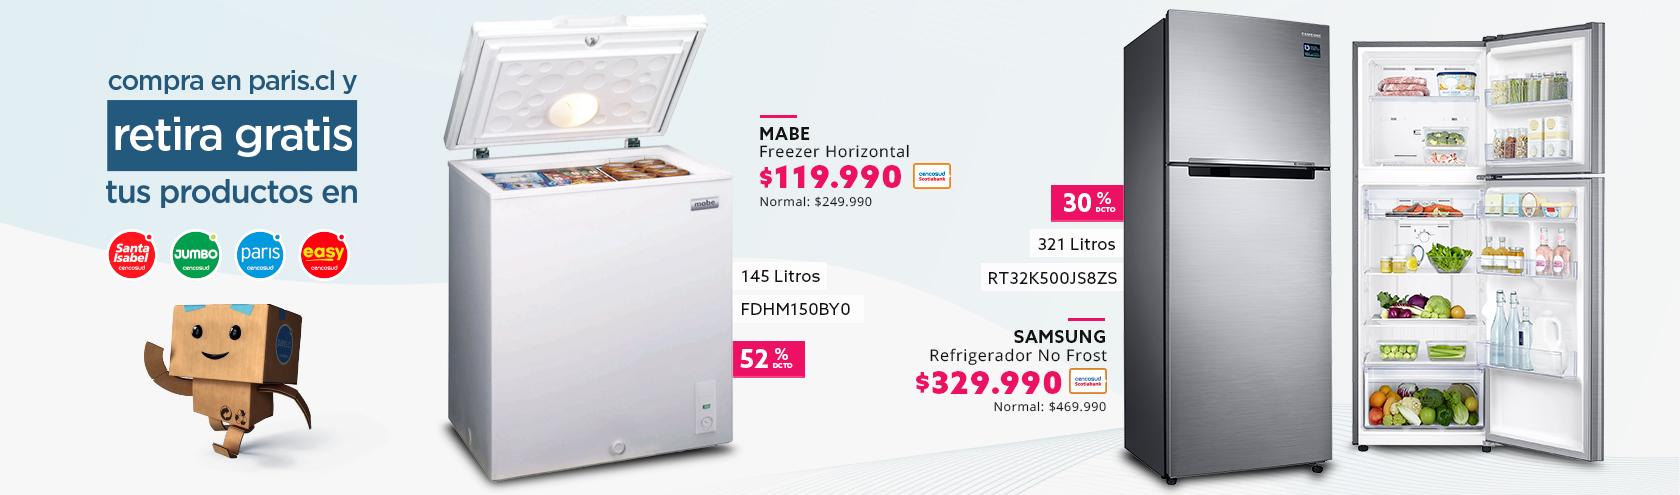 Refrigerador No Frost 321 Litros y Freezer Horizontal 145 Litros